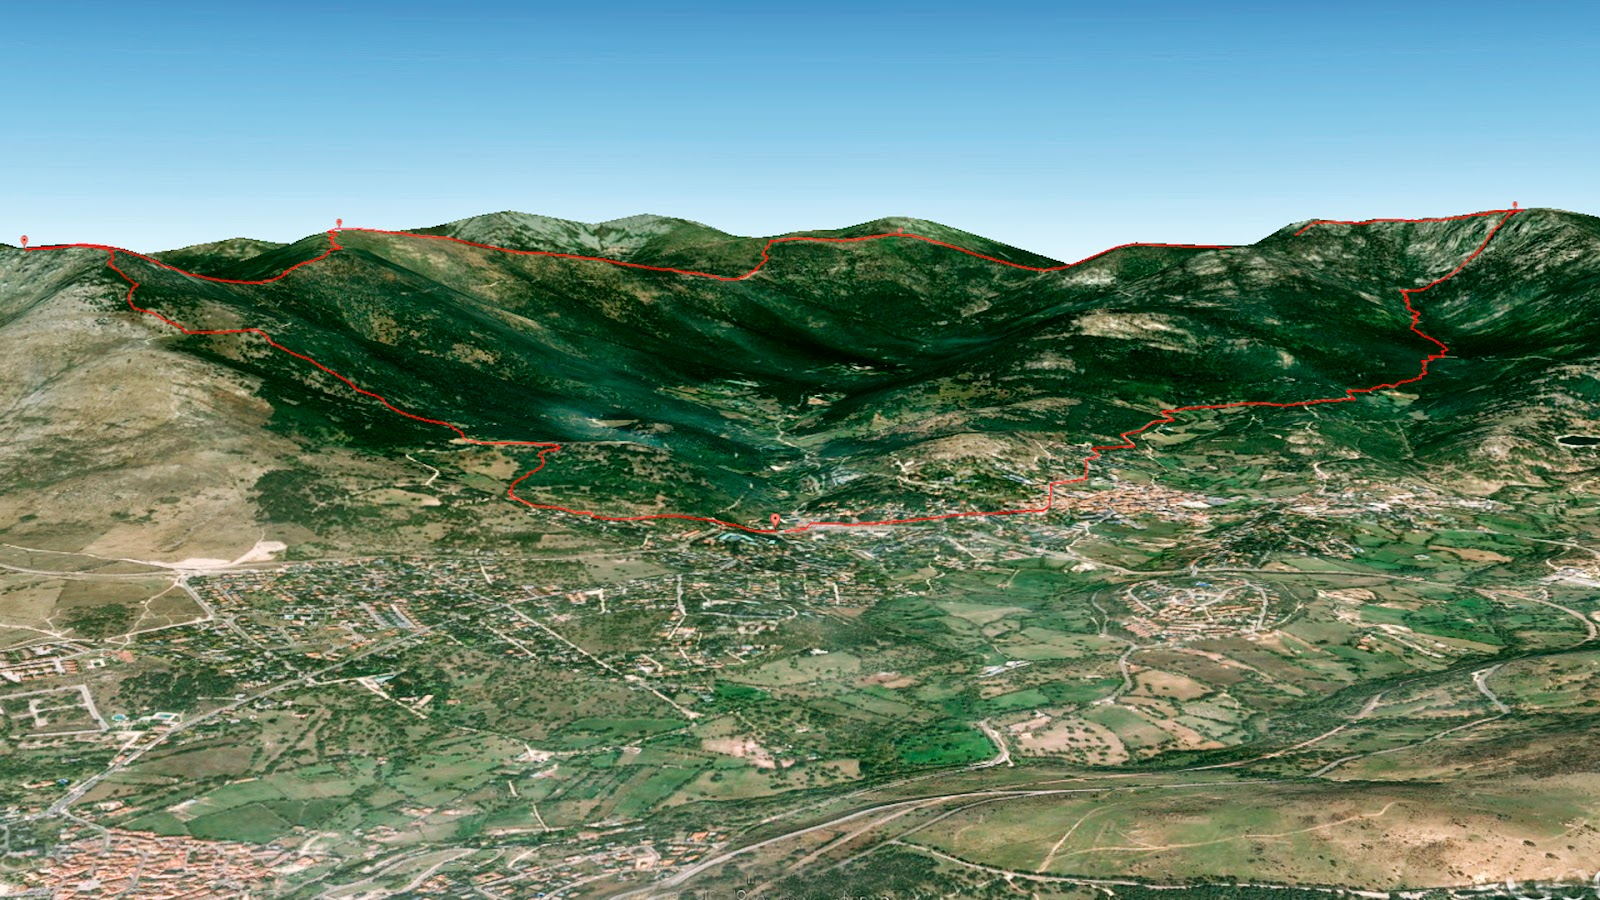 Montaña Nevada Hd: Cercedilla Trail